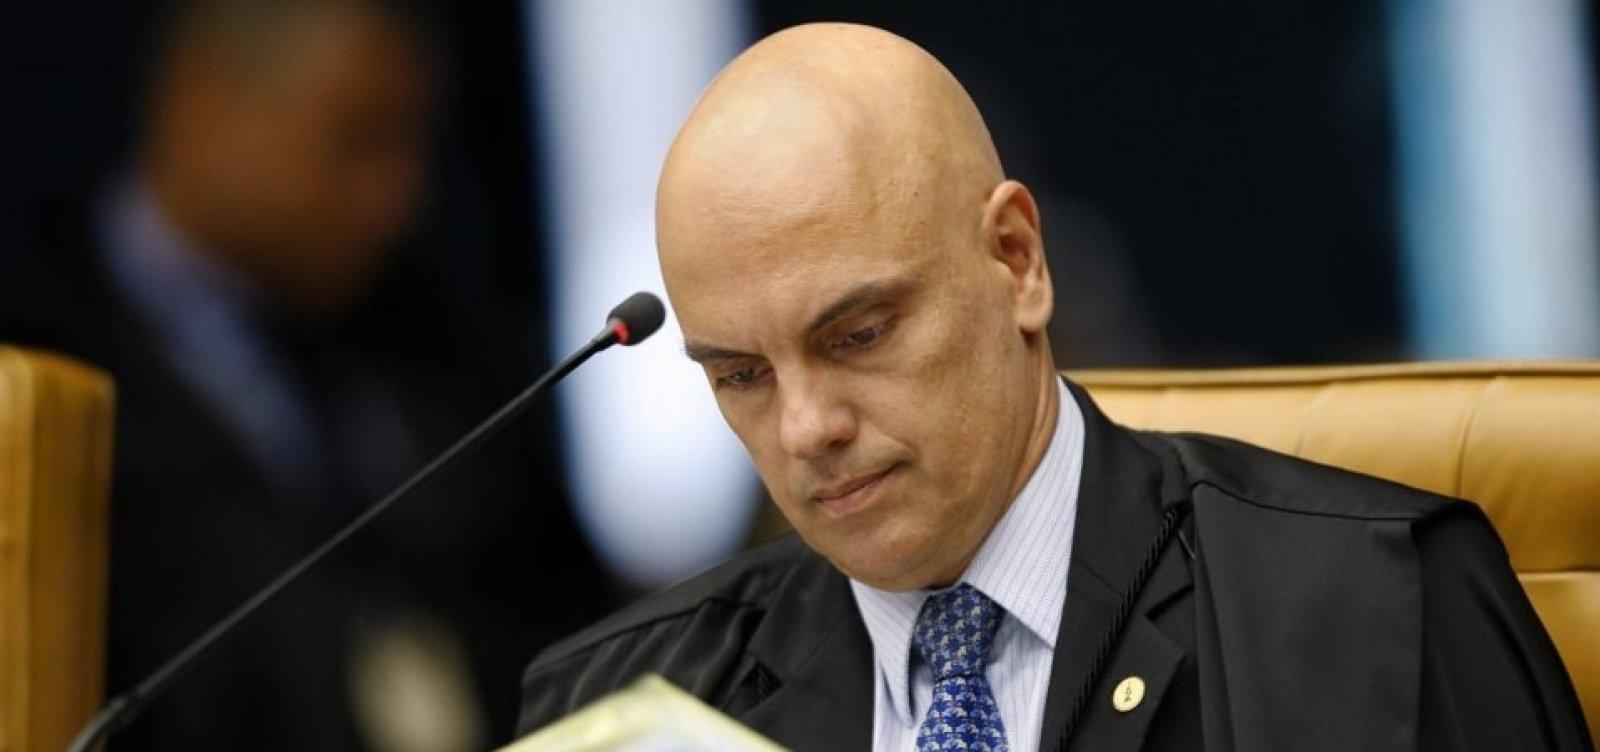 [Ministro rebate Raquel Dodge e nega pedido para arquivar inquérito do STF]